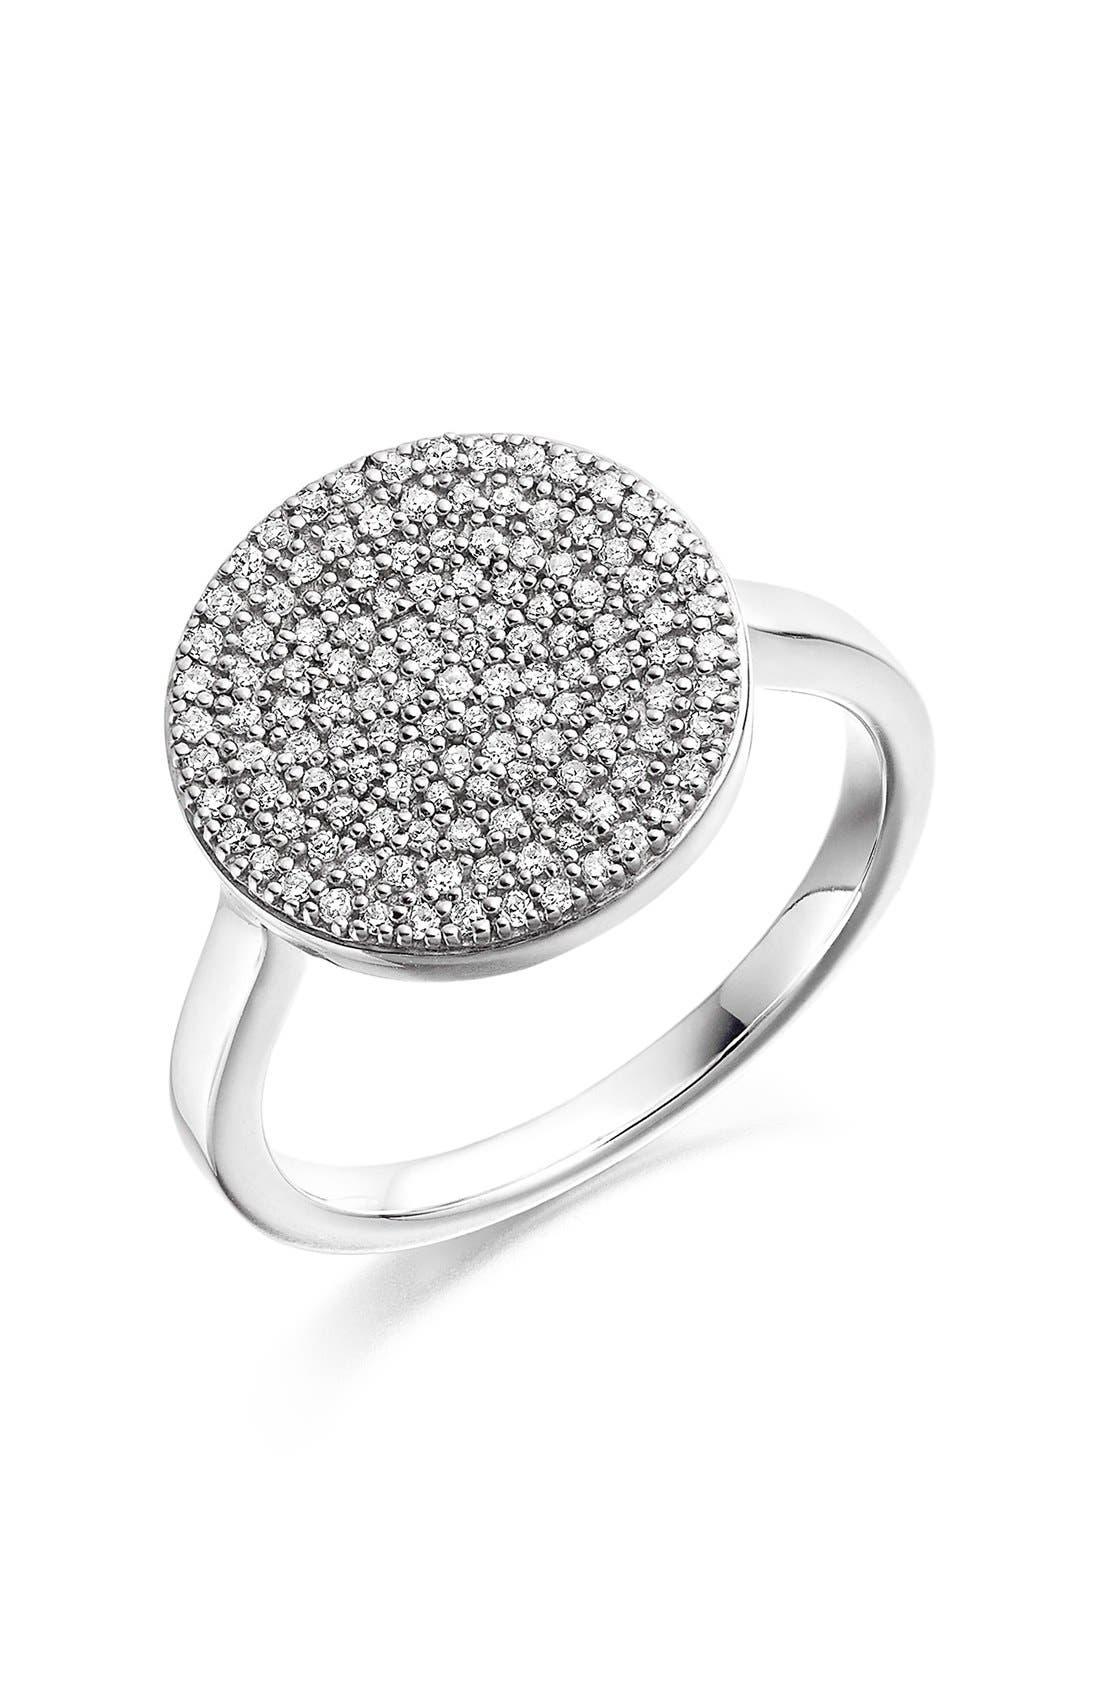 Main Image - Monica Vinader 'Ava' Diamond Disc Ring